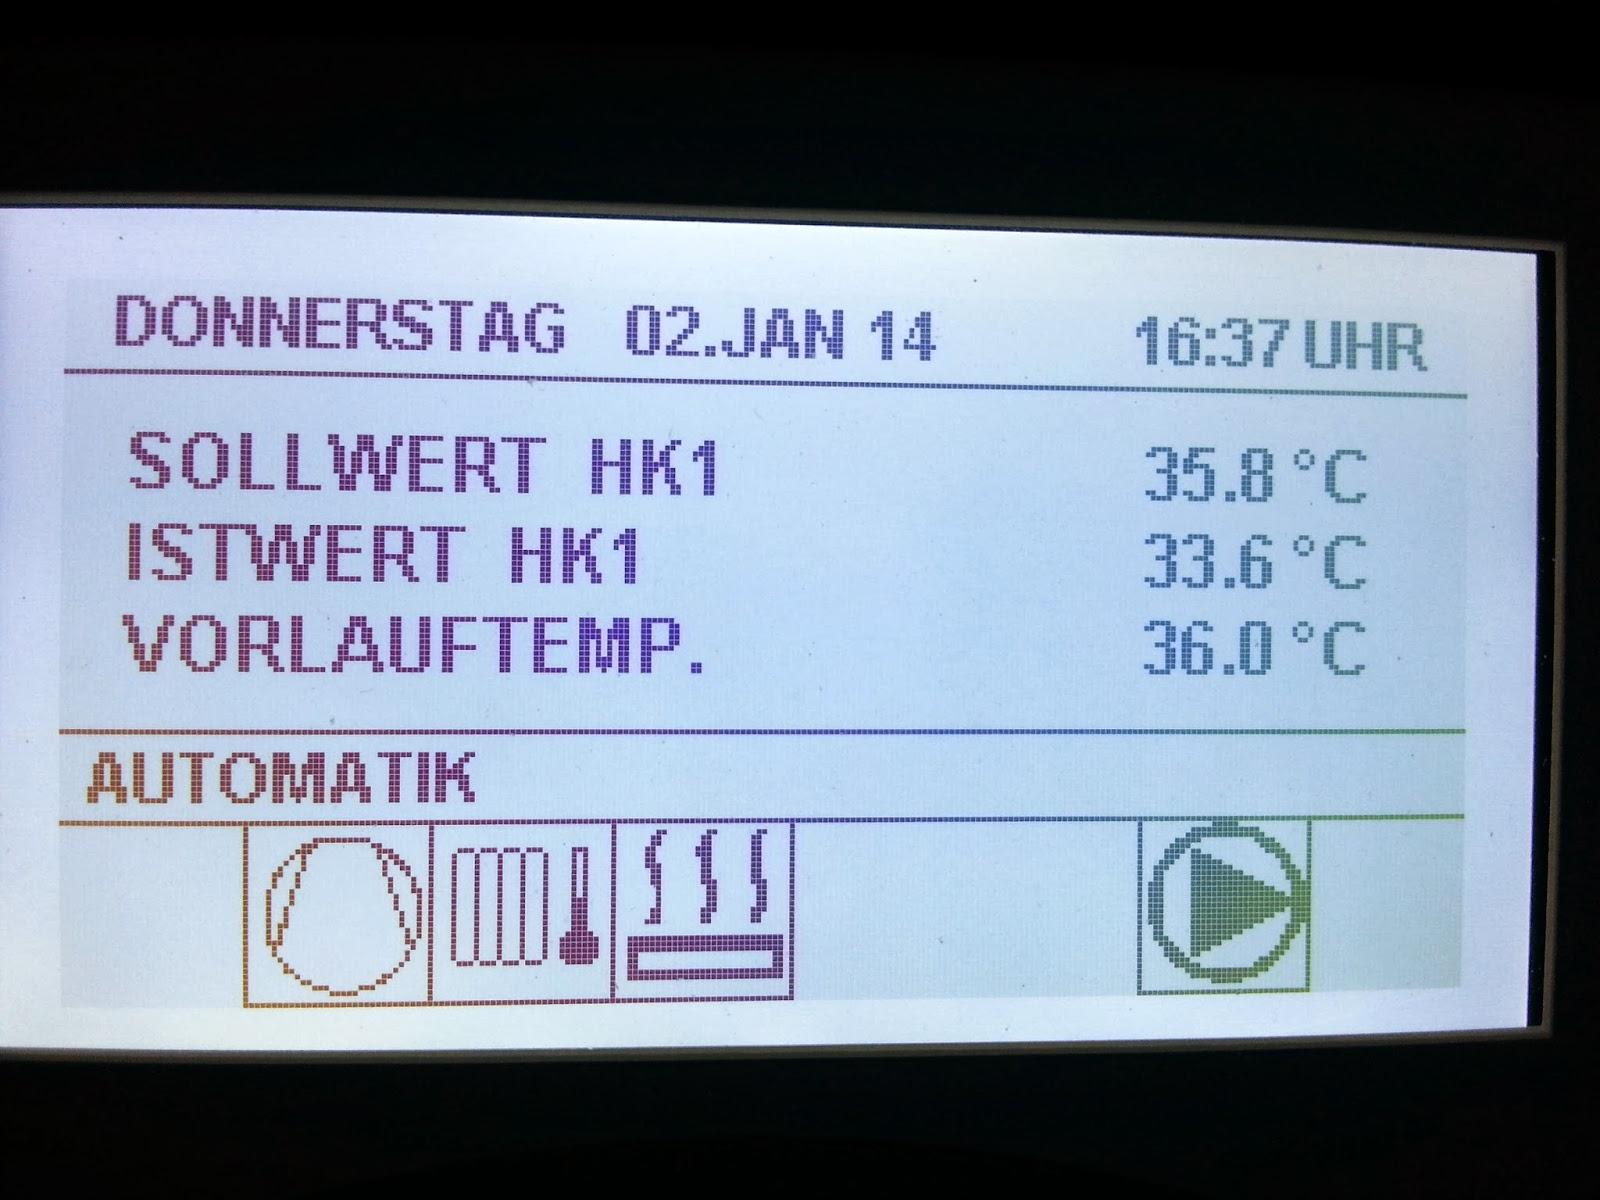 Die Heizung Wurde In Betrieb Genommen Und Durchläuft Seit Knapp 2 Wochen  Das Estrich Heizprogramm. Aktuell Mit Einer Vorlauftemperatur Von 36 Grad,  ...